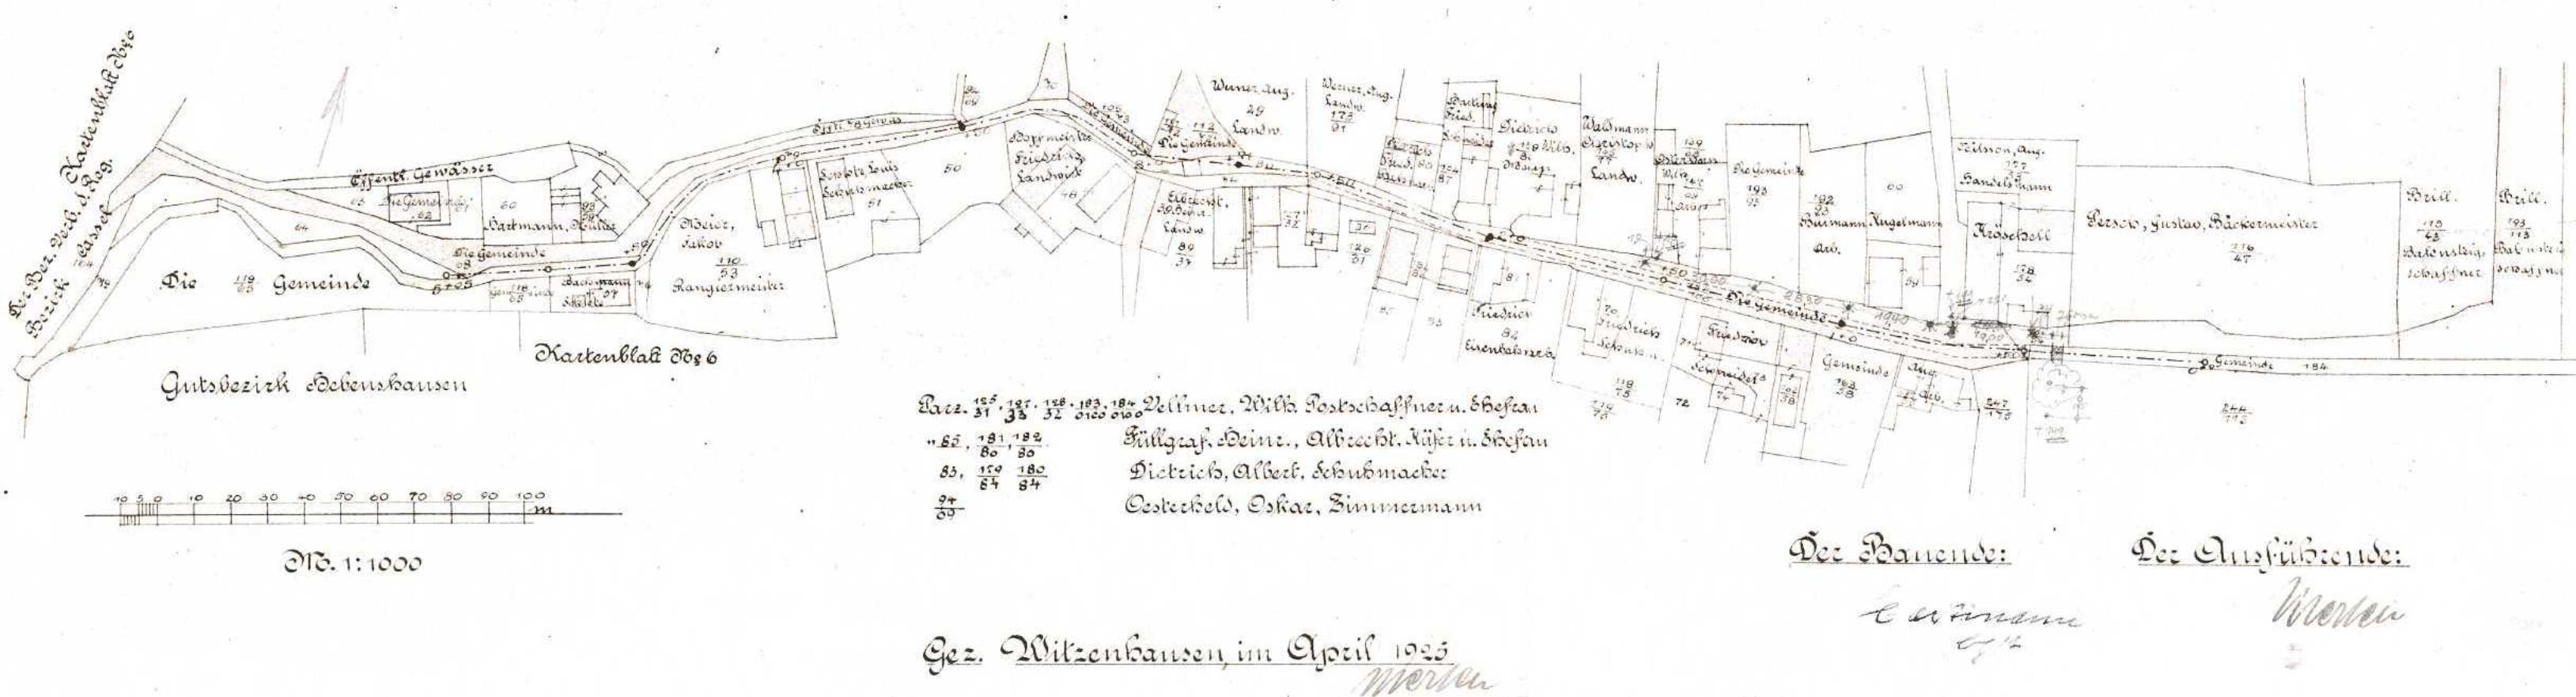 Archivaliennummer 105001